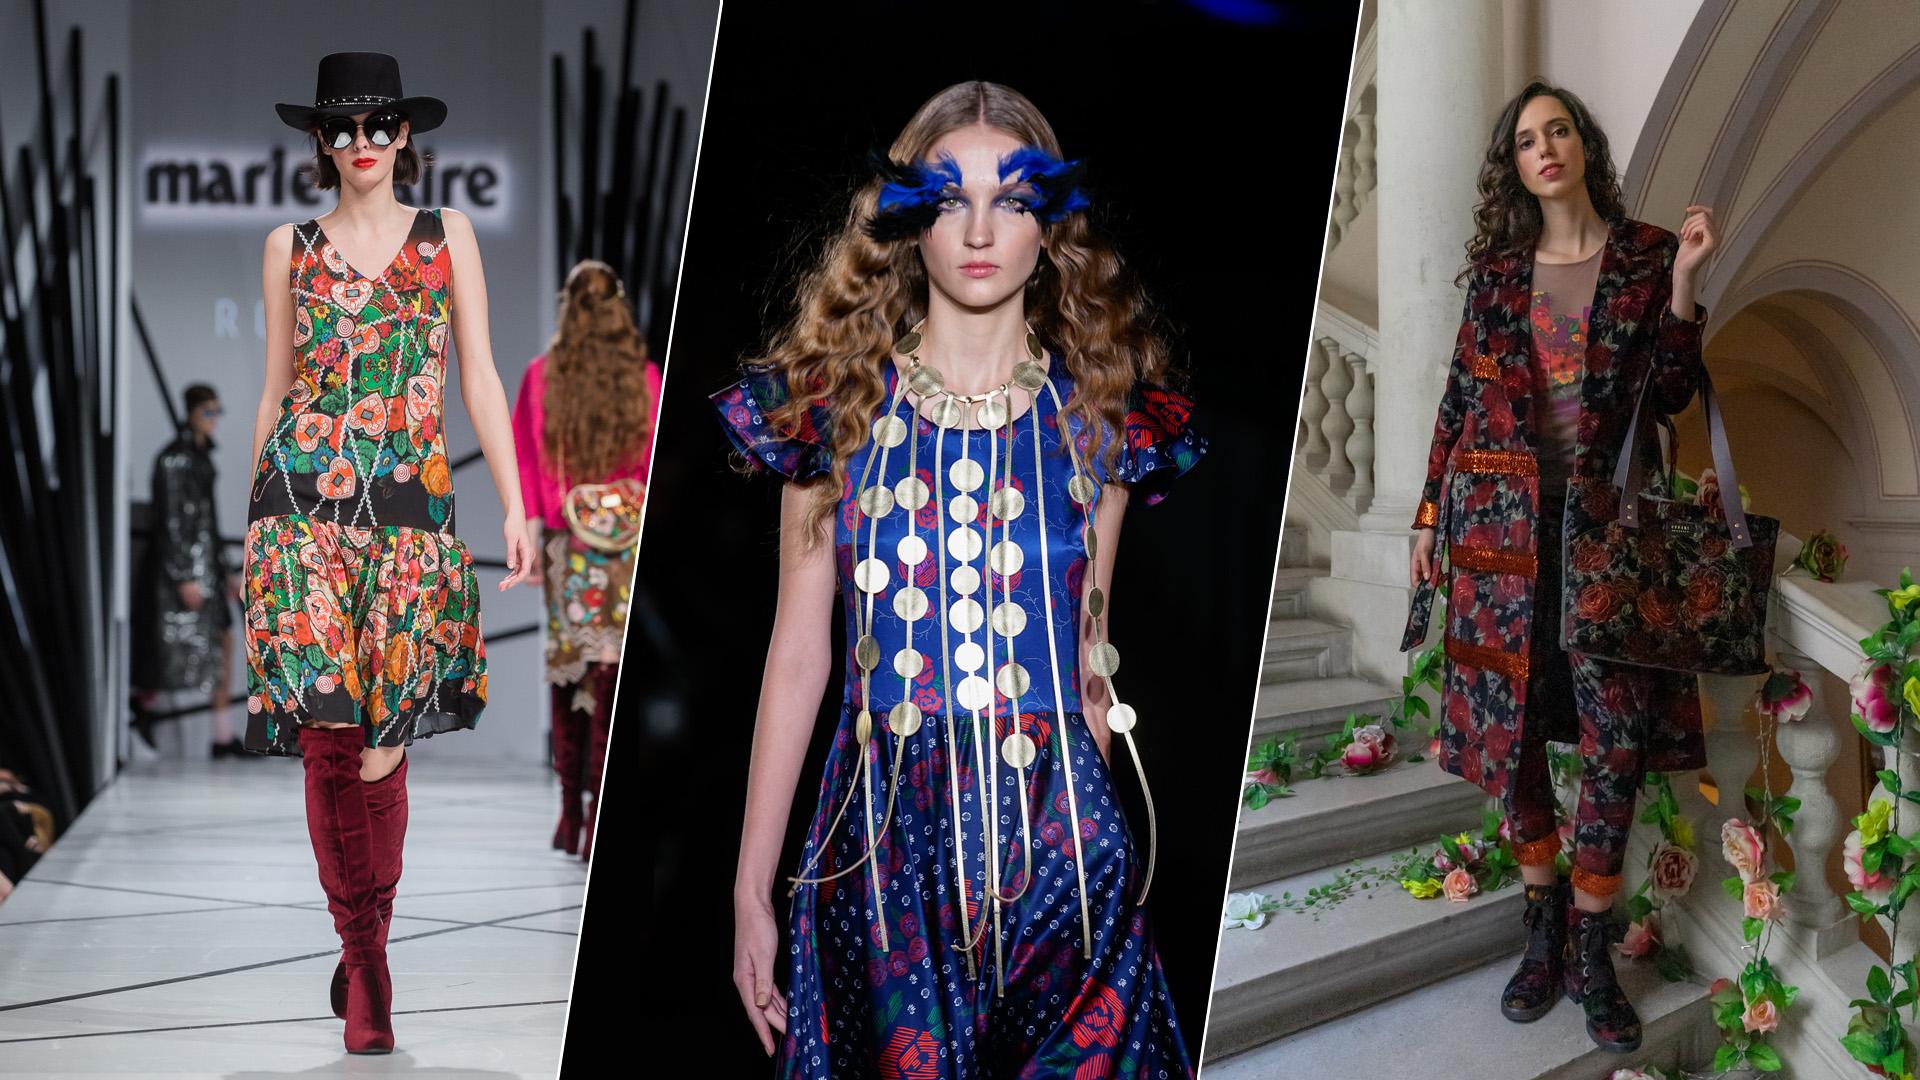 Roma hagyományokból álmodtak divatmárkát, így lett a Romani Design